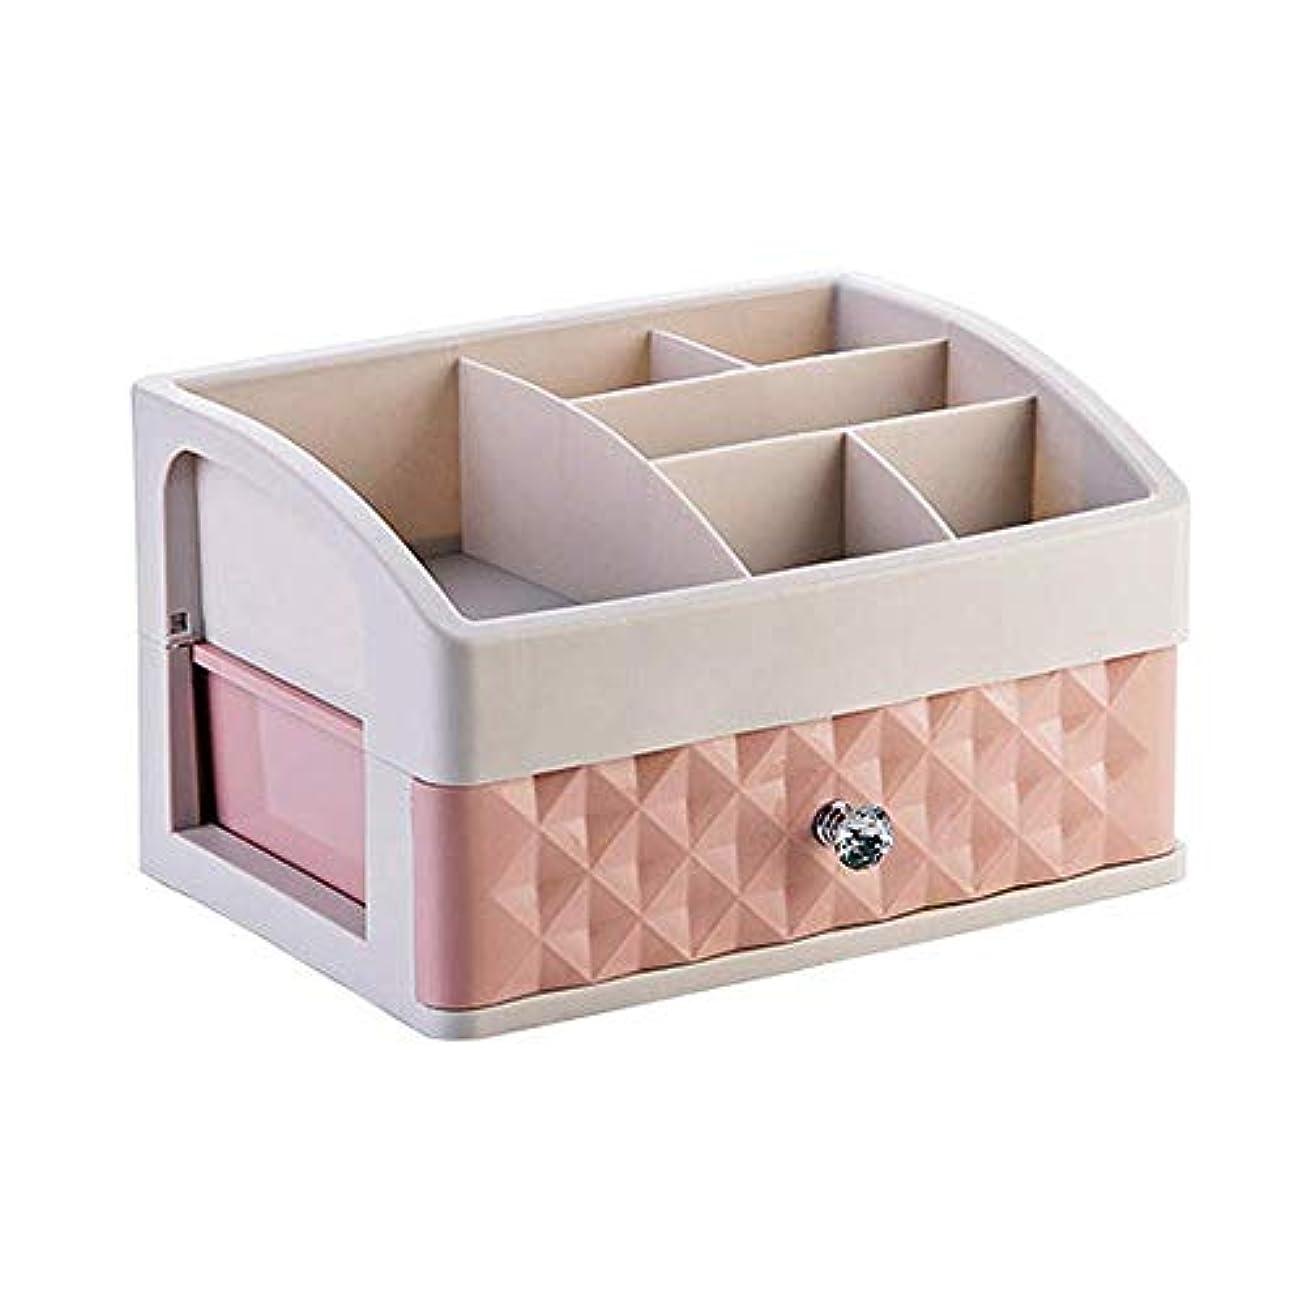 目立つ煙突ファブリックYWAWJ 引き出し化粧収納引き出し、プラスチックデスクトップ引き出しオーガナイザーデスクトップ化粧品収納ボックスヨーロッパ引き出し型ドレッシングテーブルジュエリースキンケア製品仕上げボックス (Color : Pink)